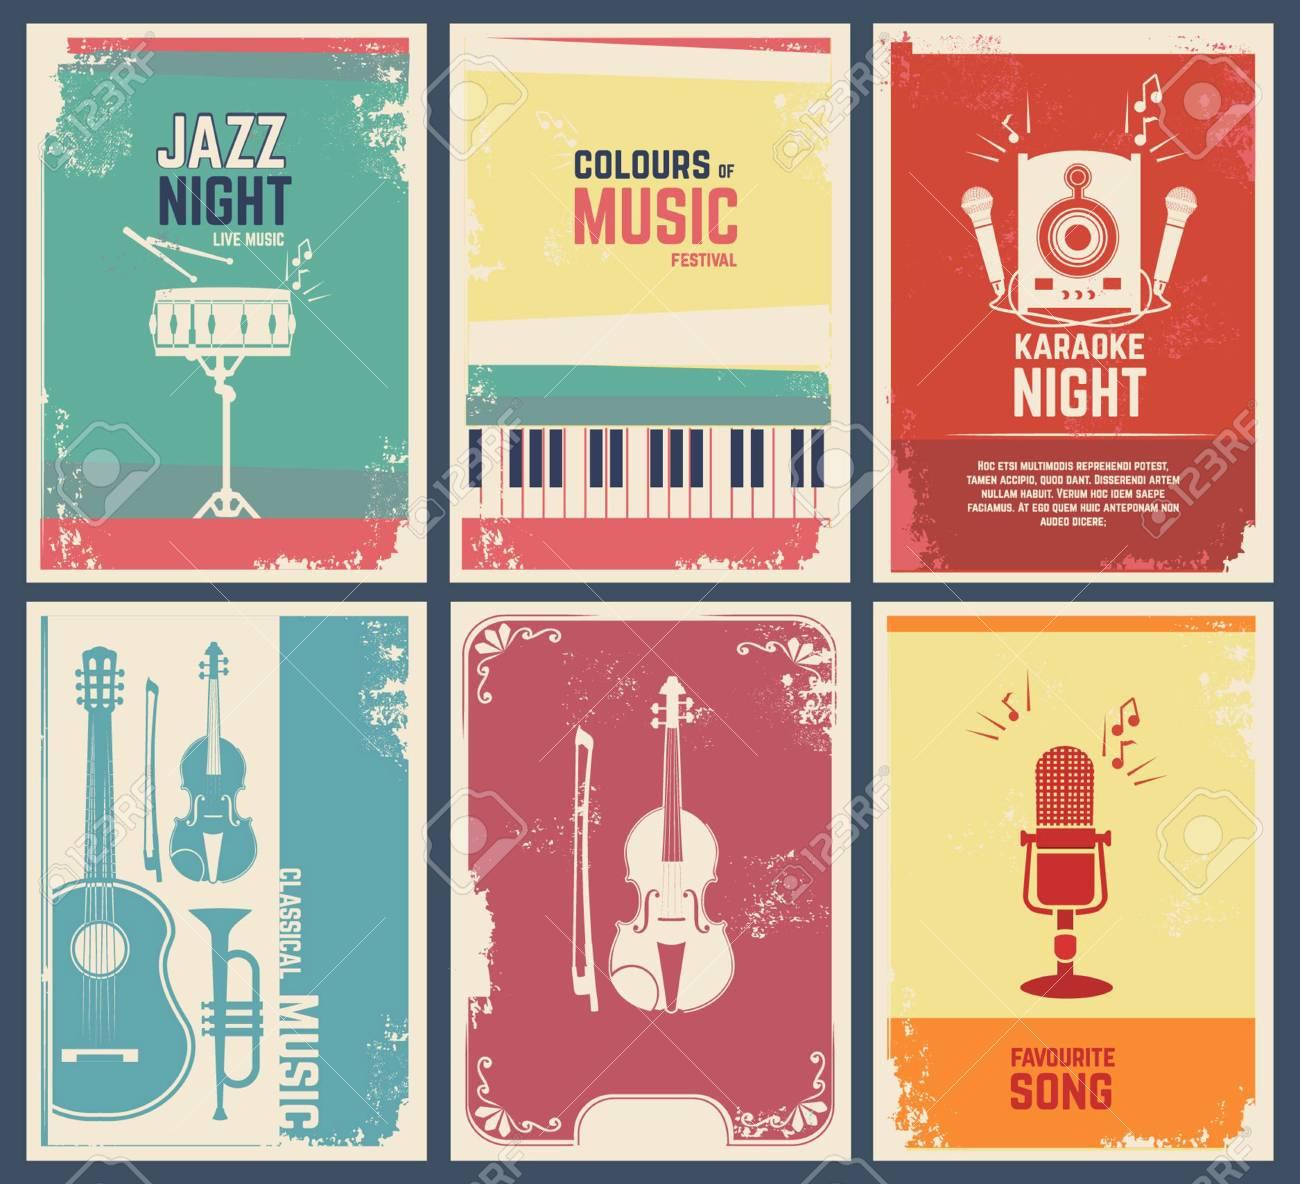 Plantilla De Diseño De Tarjetas De Invitación Con Imágenes De Instrumentos Musicales